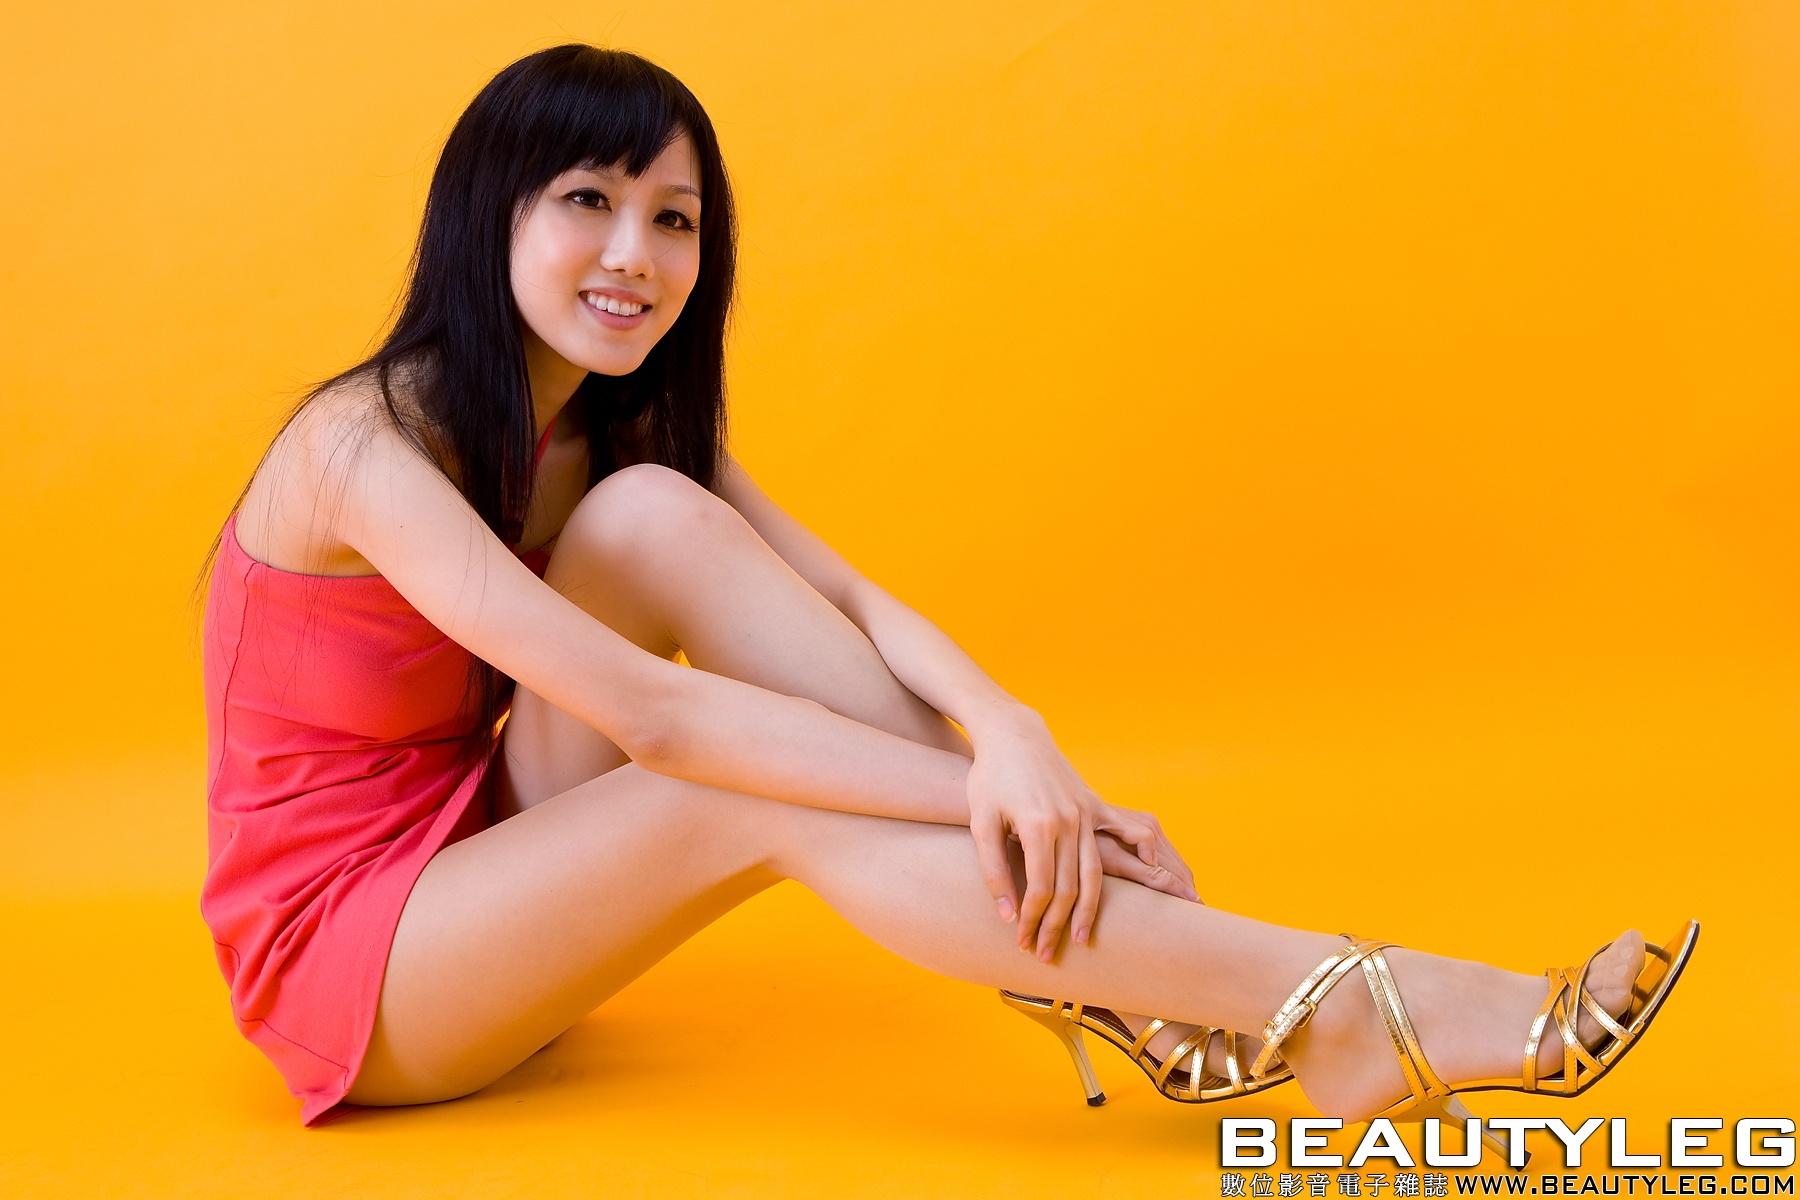 求腿模sara的写真集 全套的 1151591005@qq.com